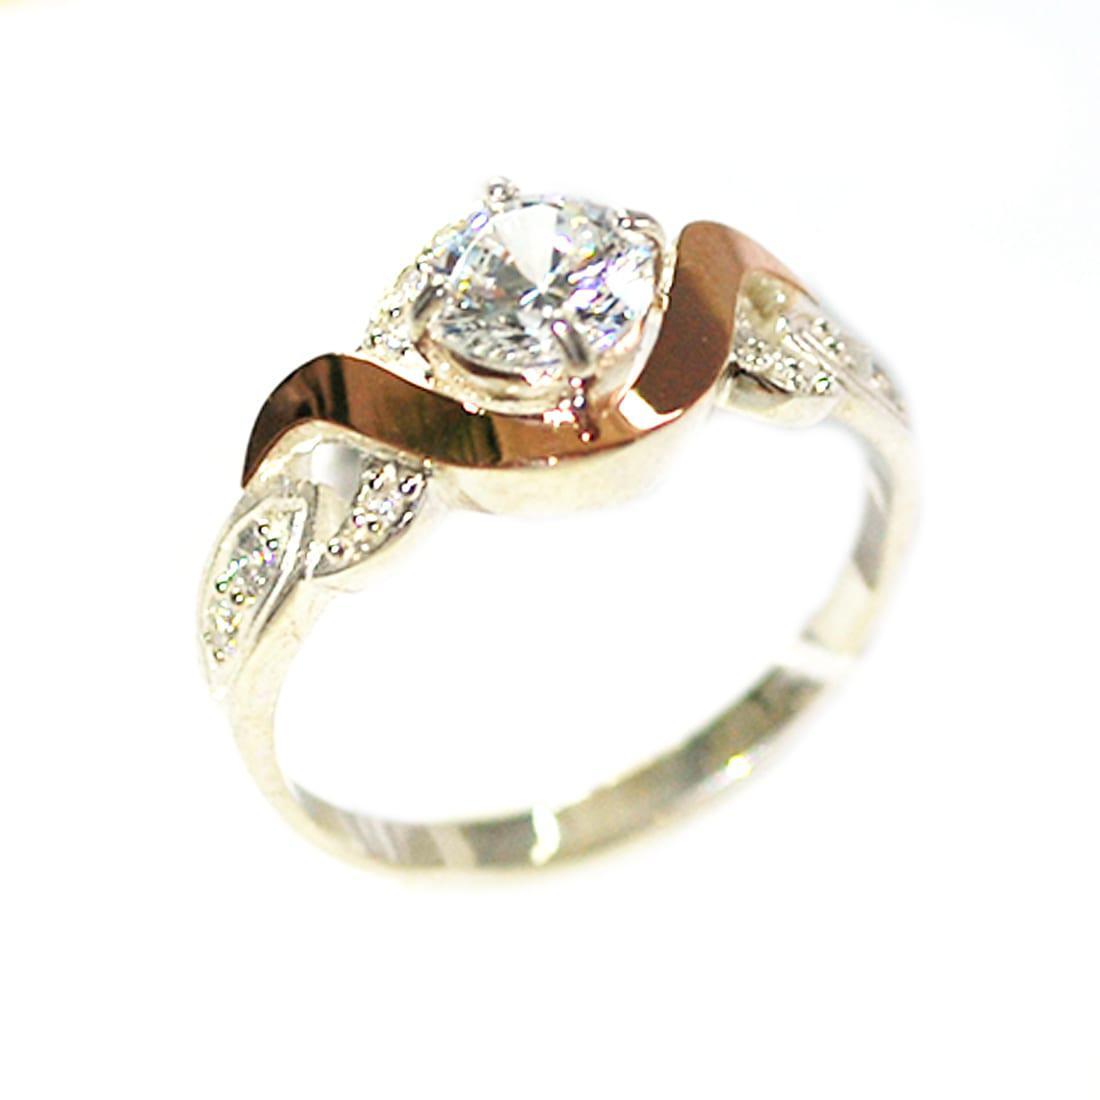 Кольцо из серебра с золотыми вставками, модель 134